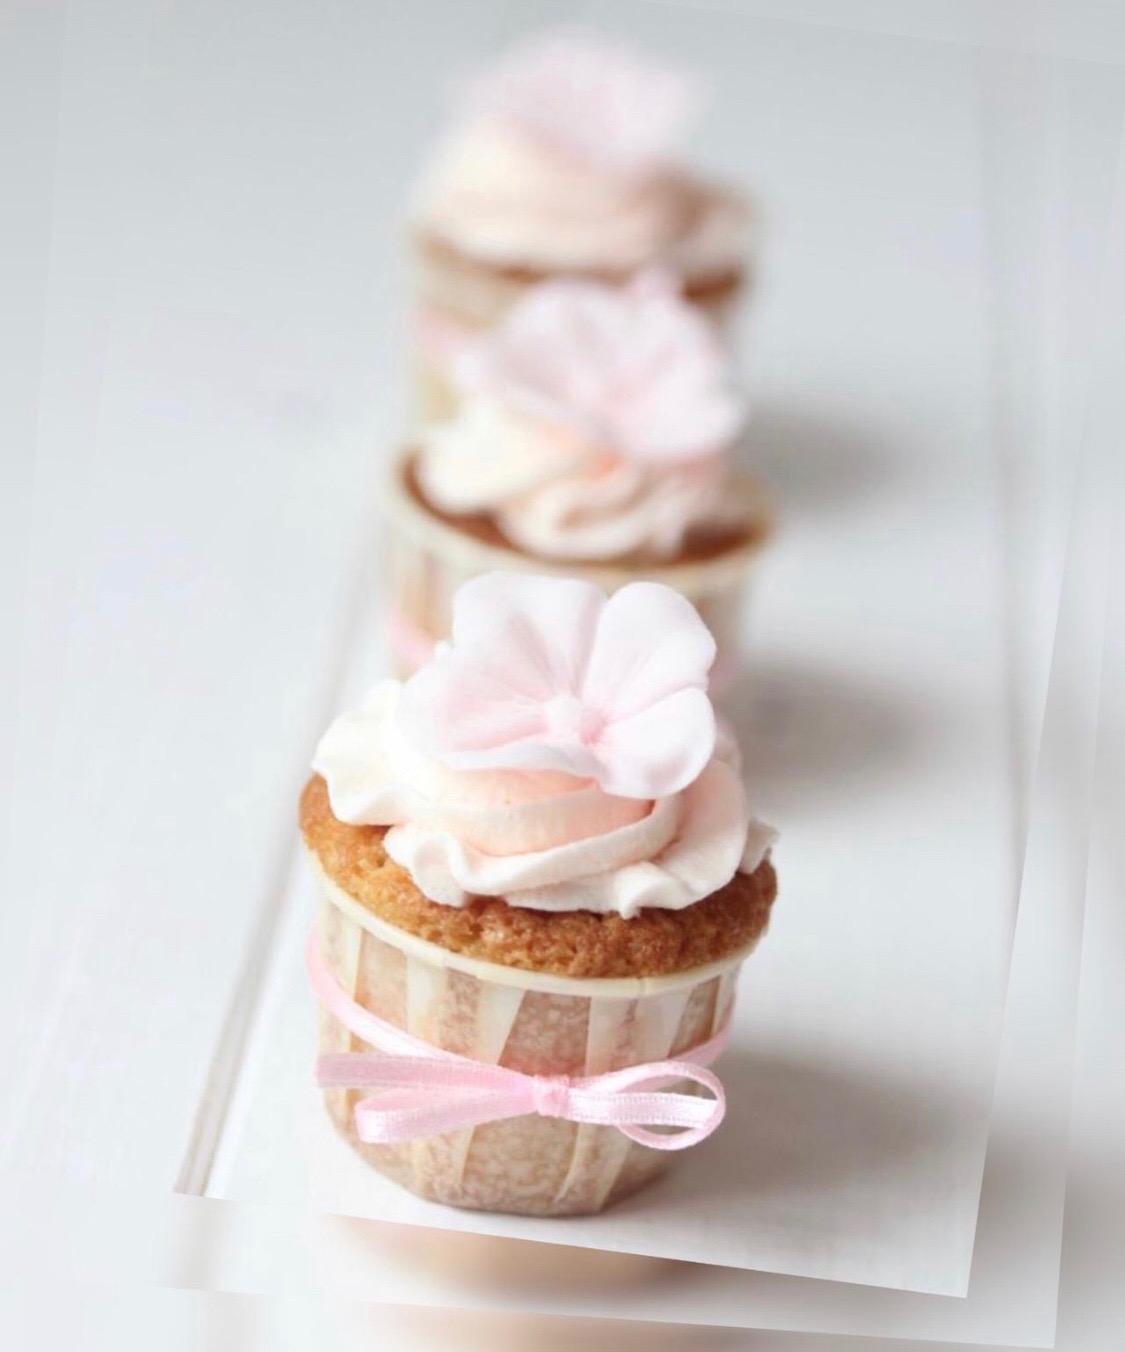 Profumi e dolcezze: sabato 11 maggio alla scoperta della vaniglia